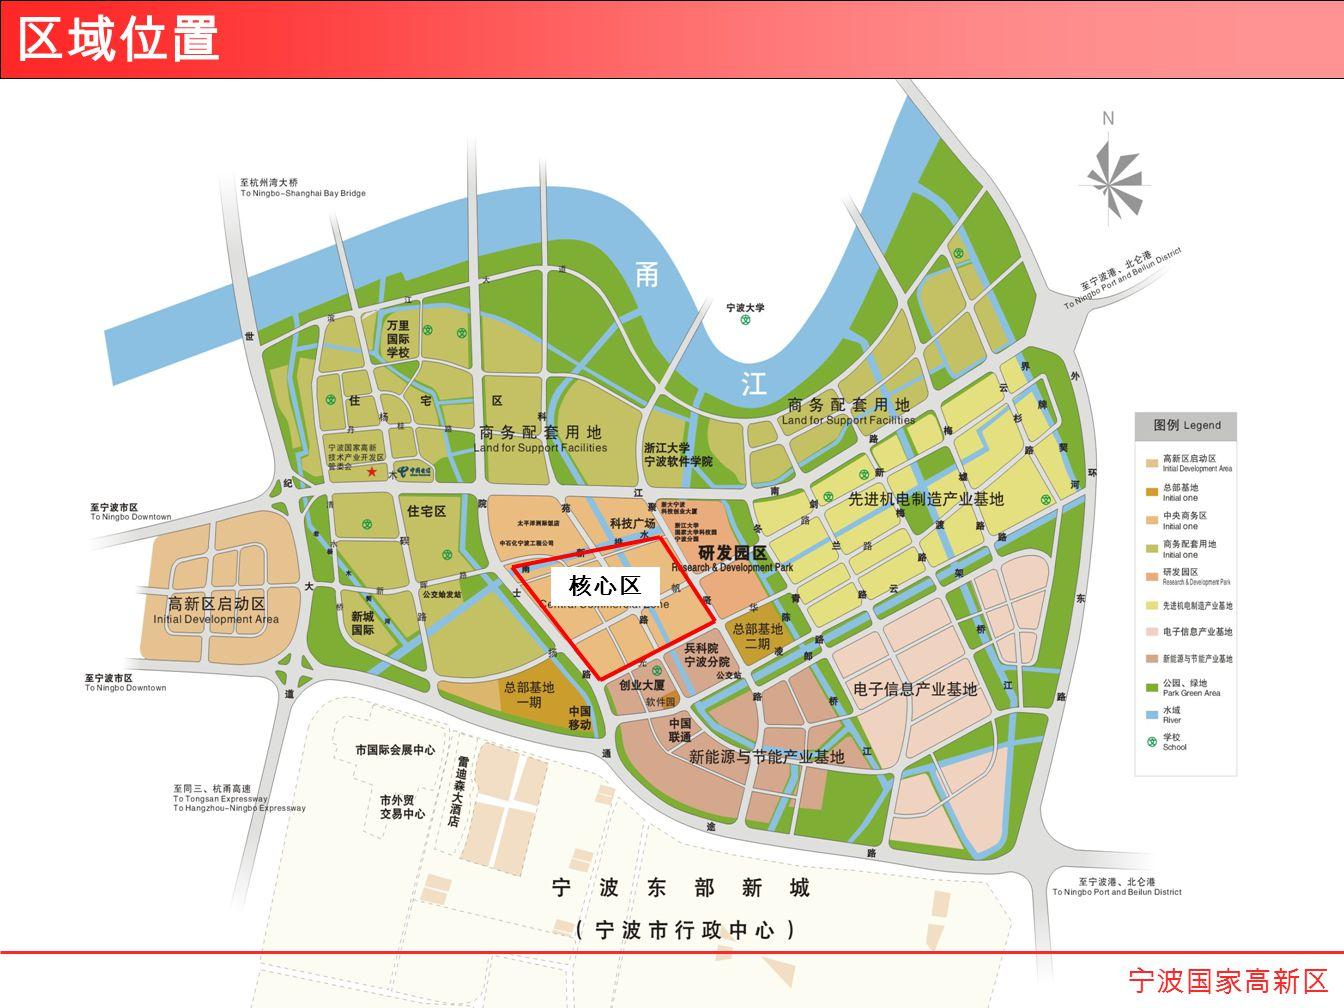 区域位置 宁波国家高新区 核心区